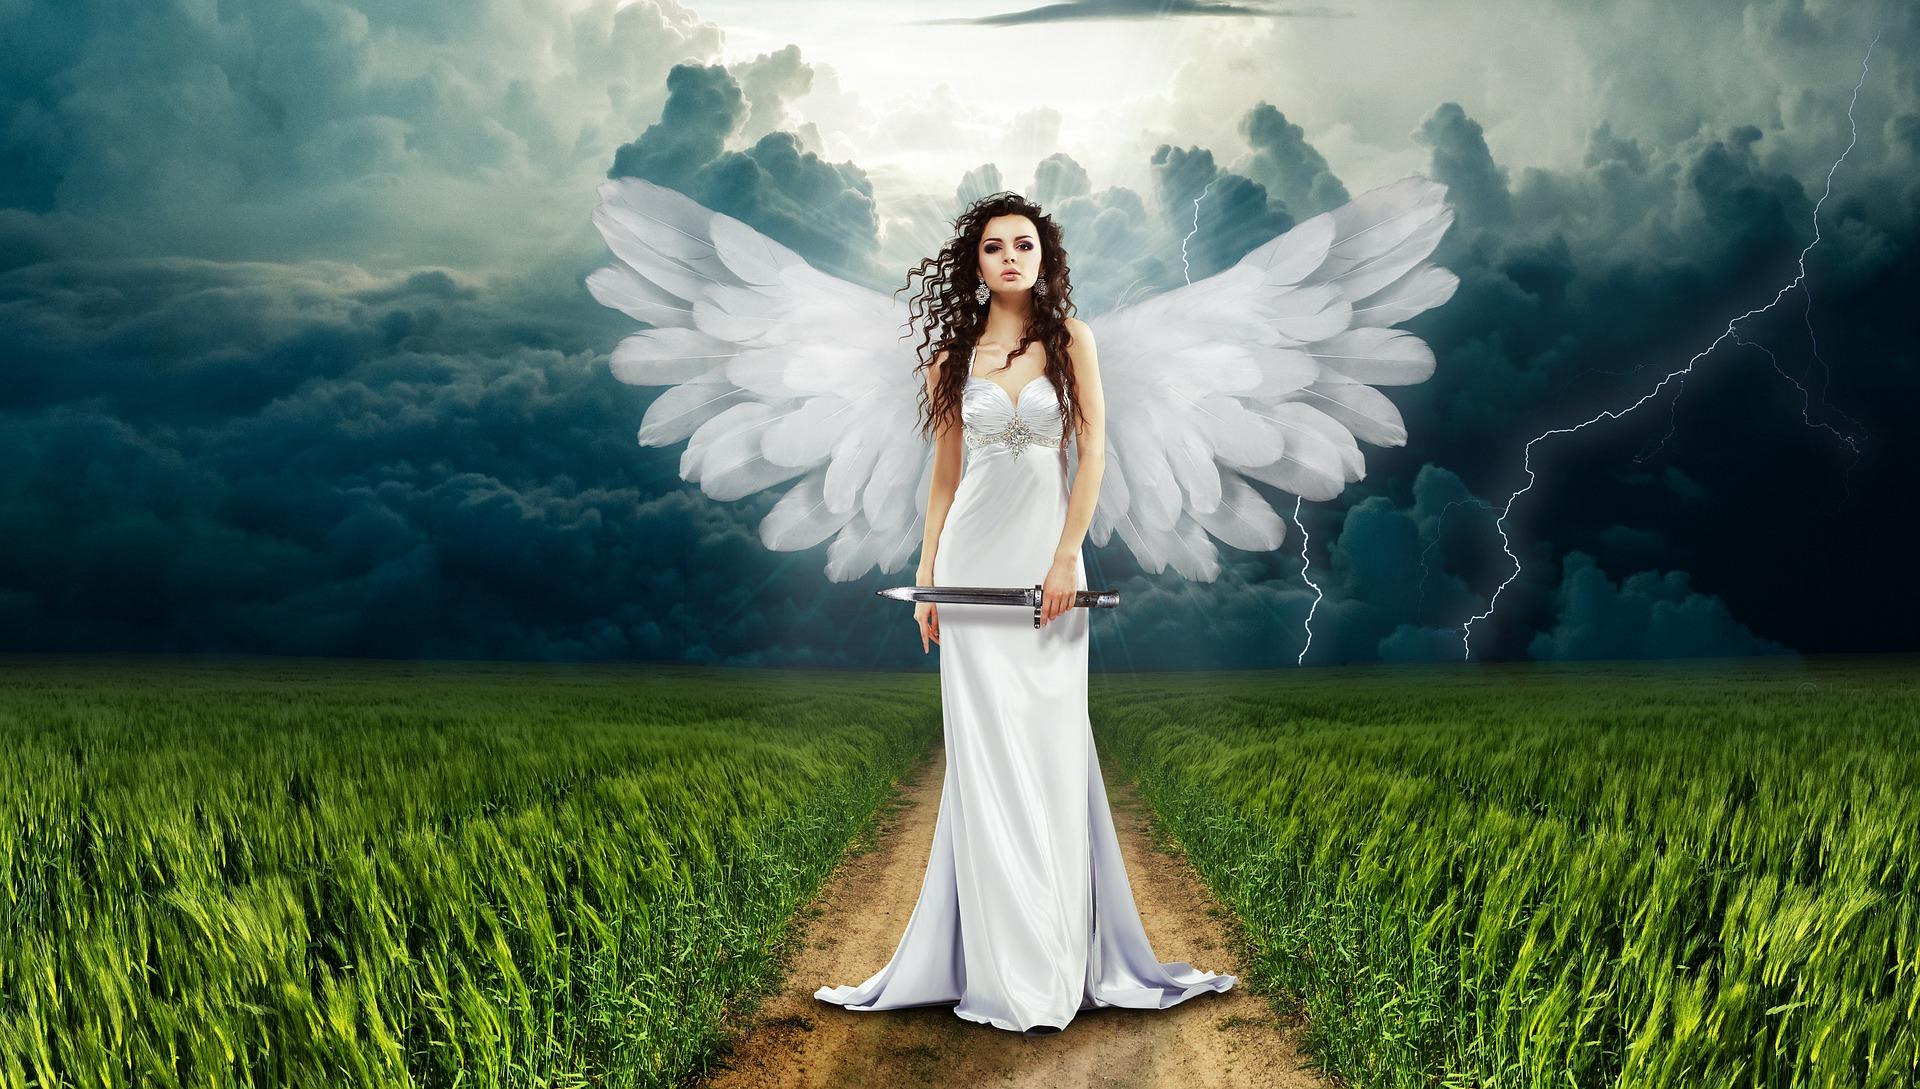 परी, महिला, कटार, पंख, बादल - HD वॉलपेपर - प्रोफेसर-falken.com